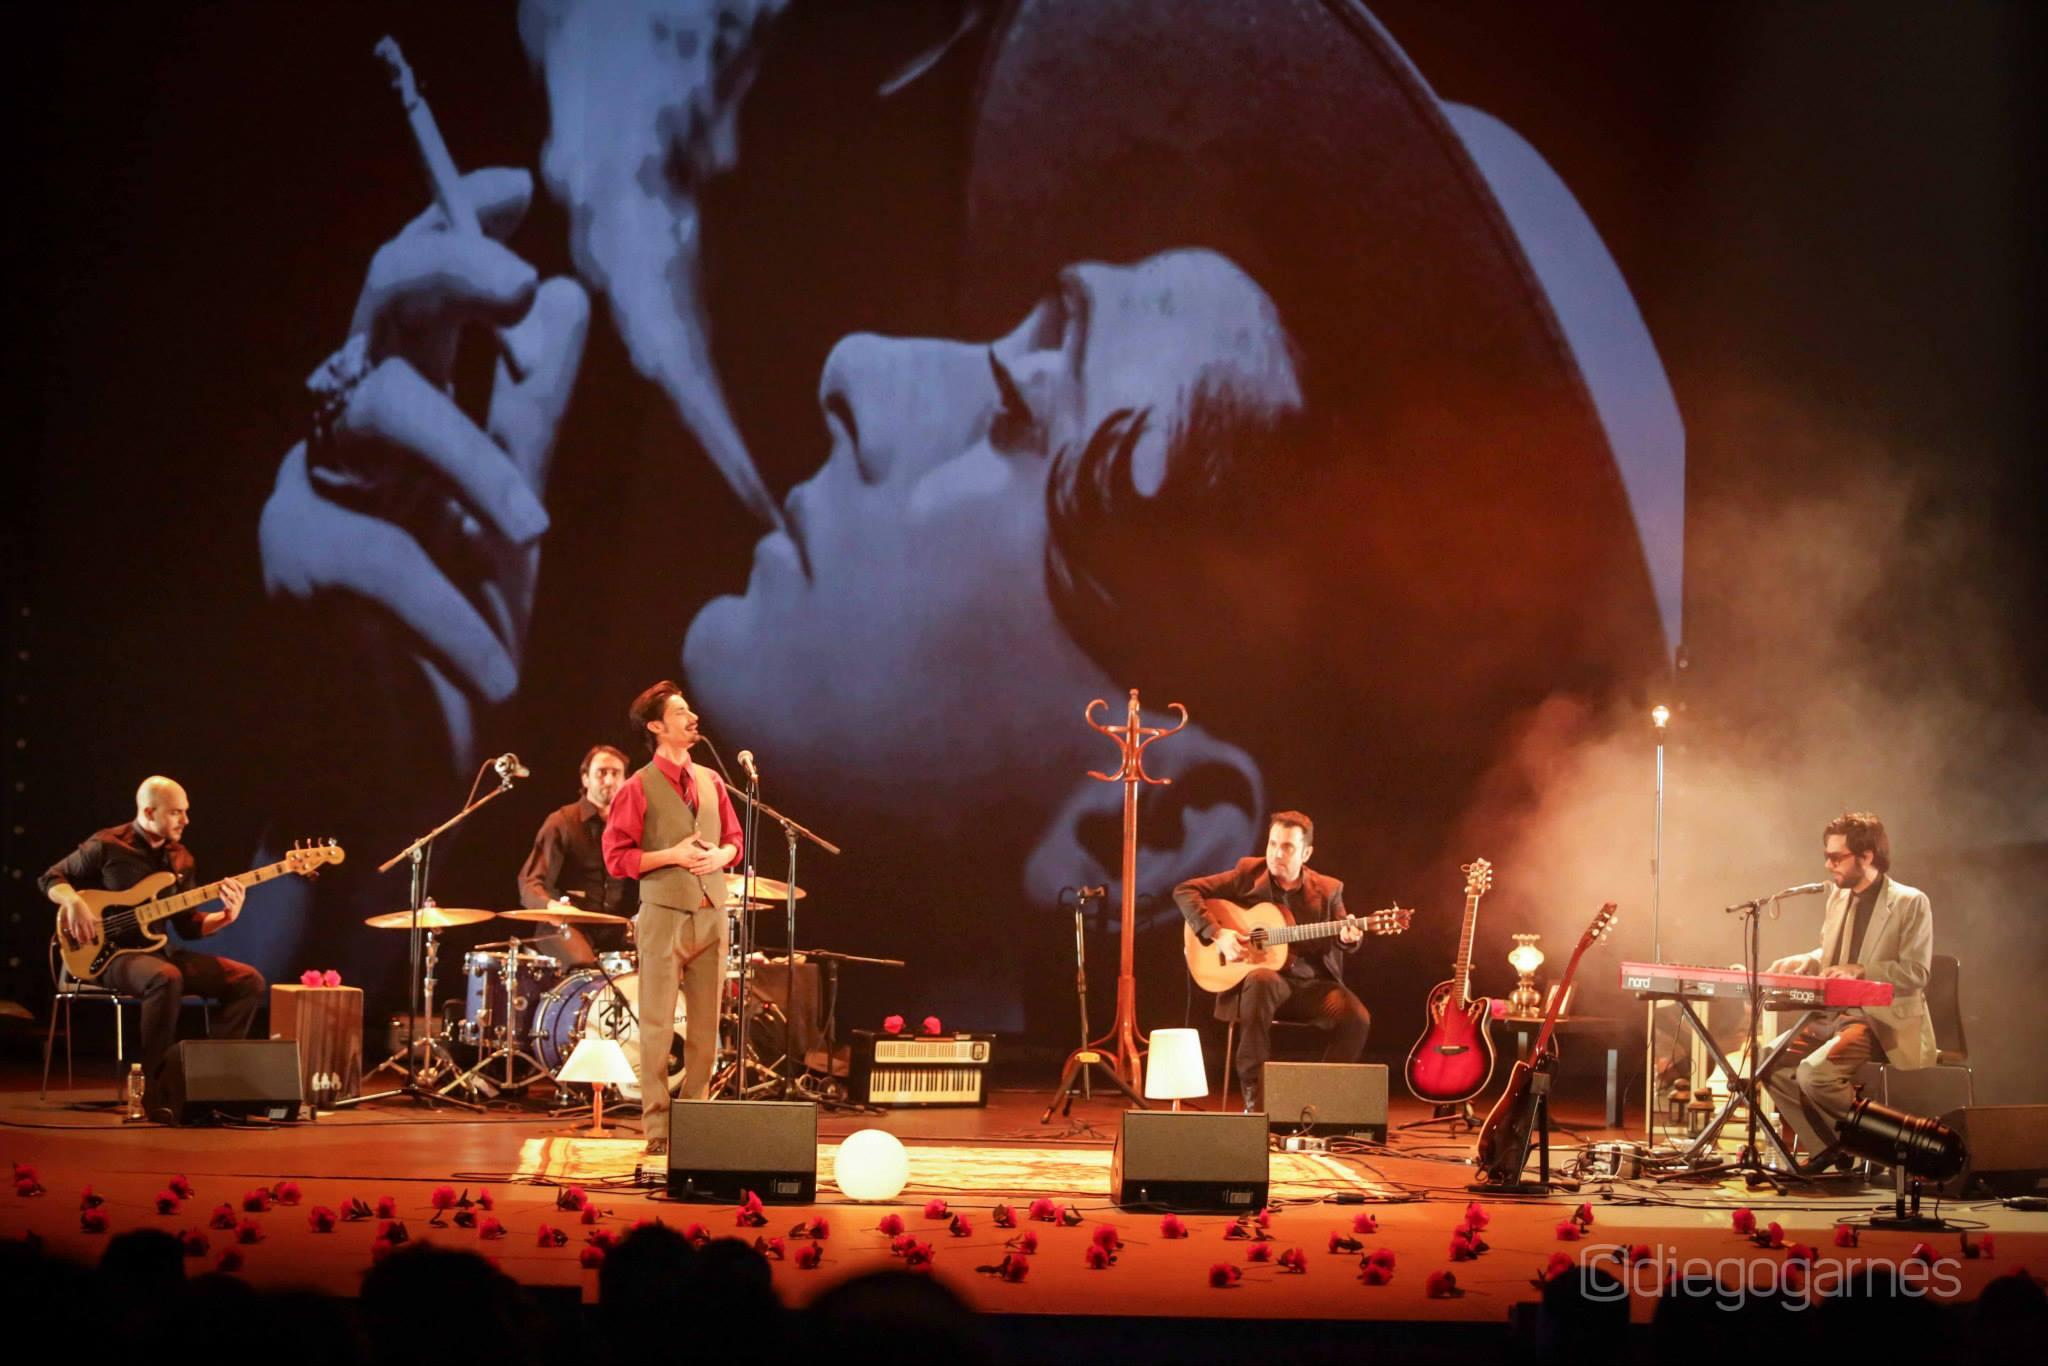 Dúo Orquesta Regalizes en concierto en el Auditorio Victor Villegas + Sorteo 2 entradas